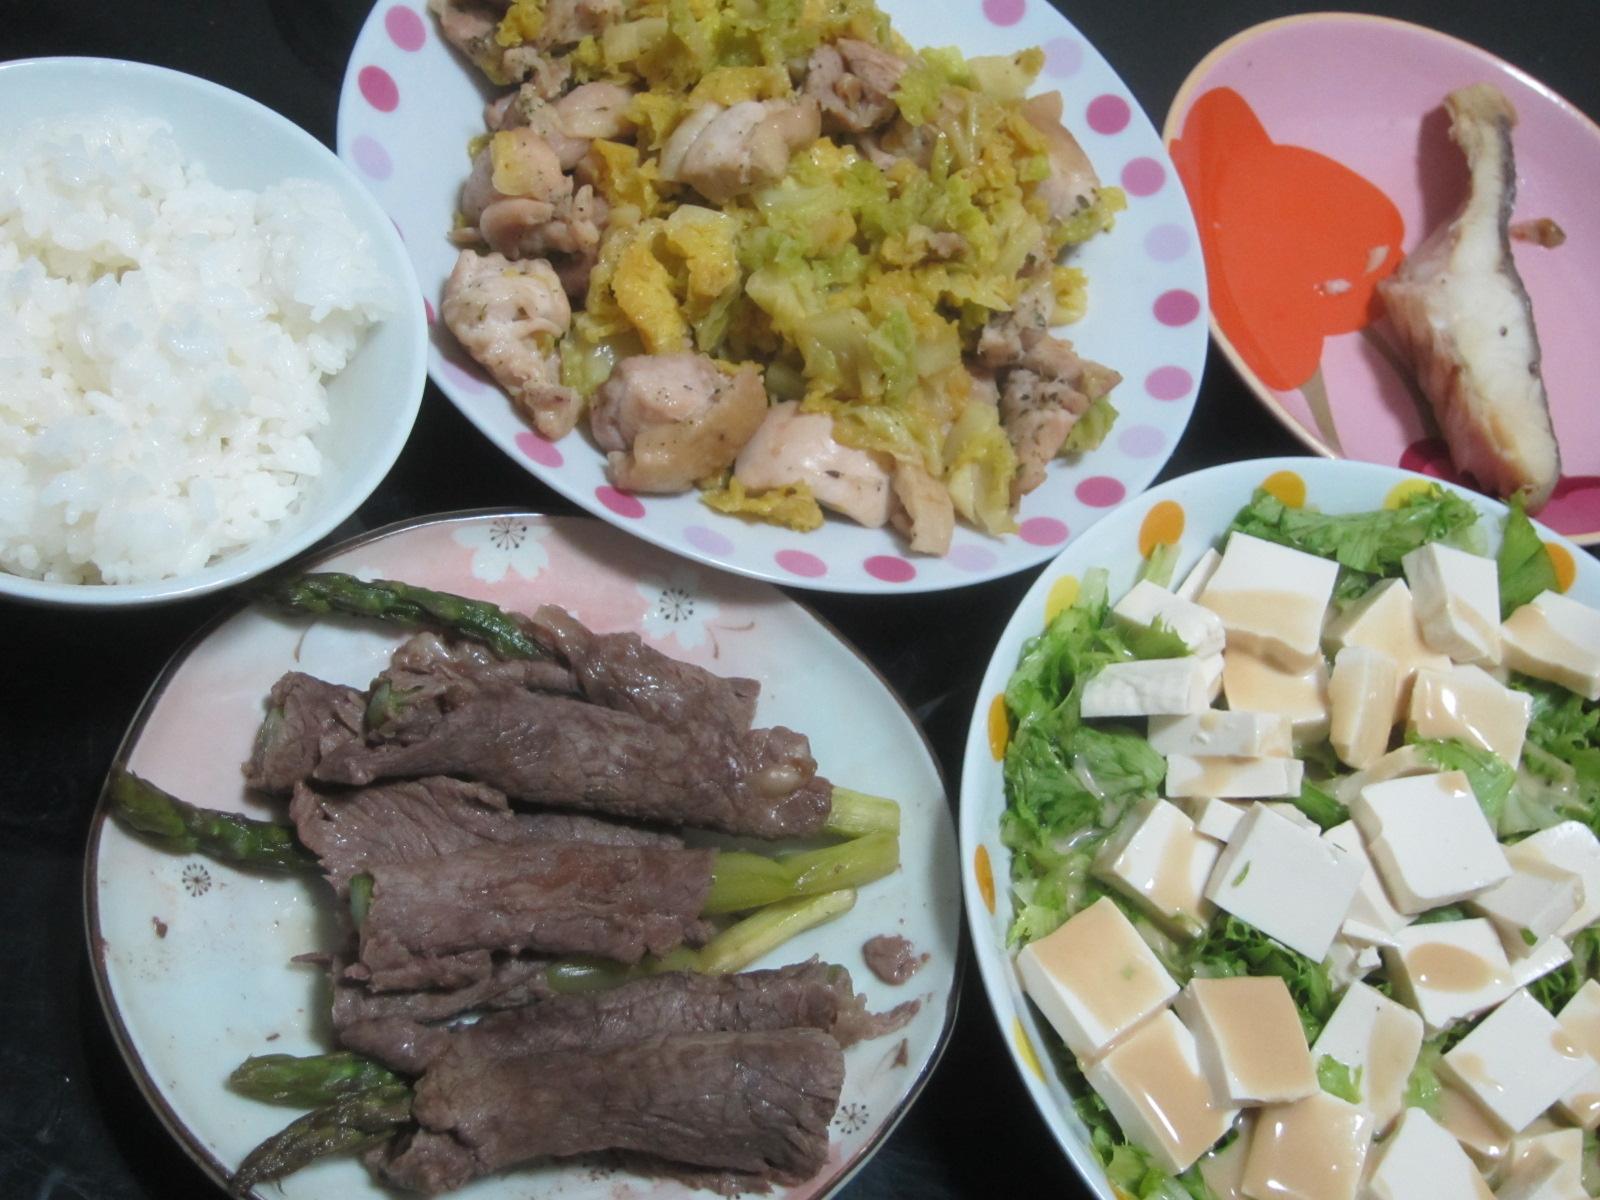 IMG 0032 - モツ煮とポークカレーで突撃我が家の晩御飯Part3